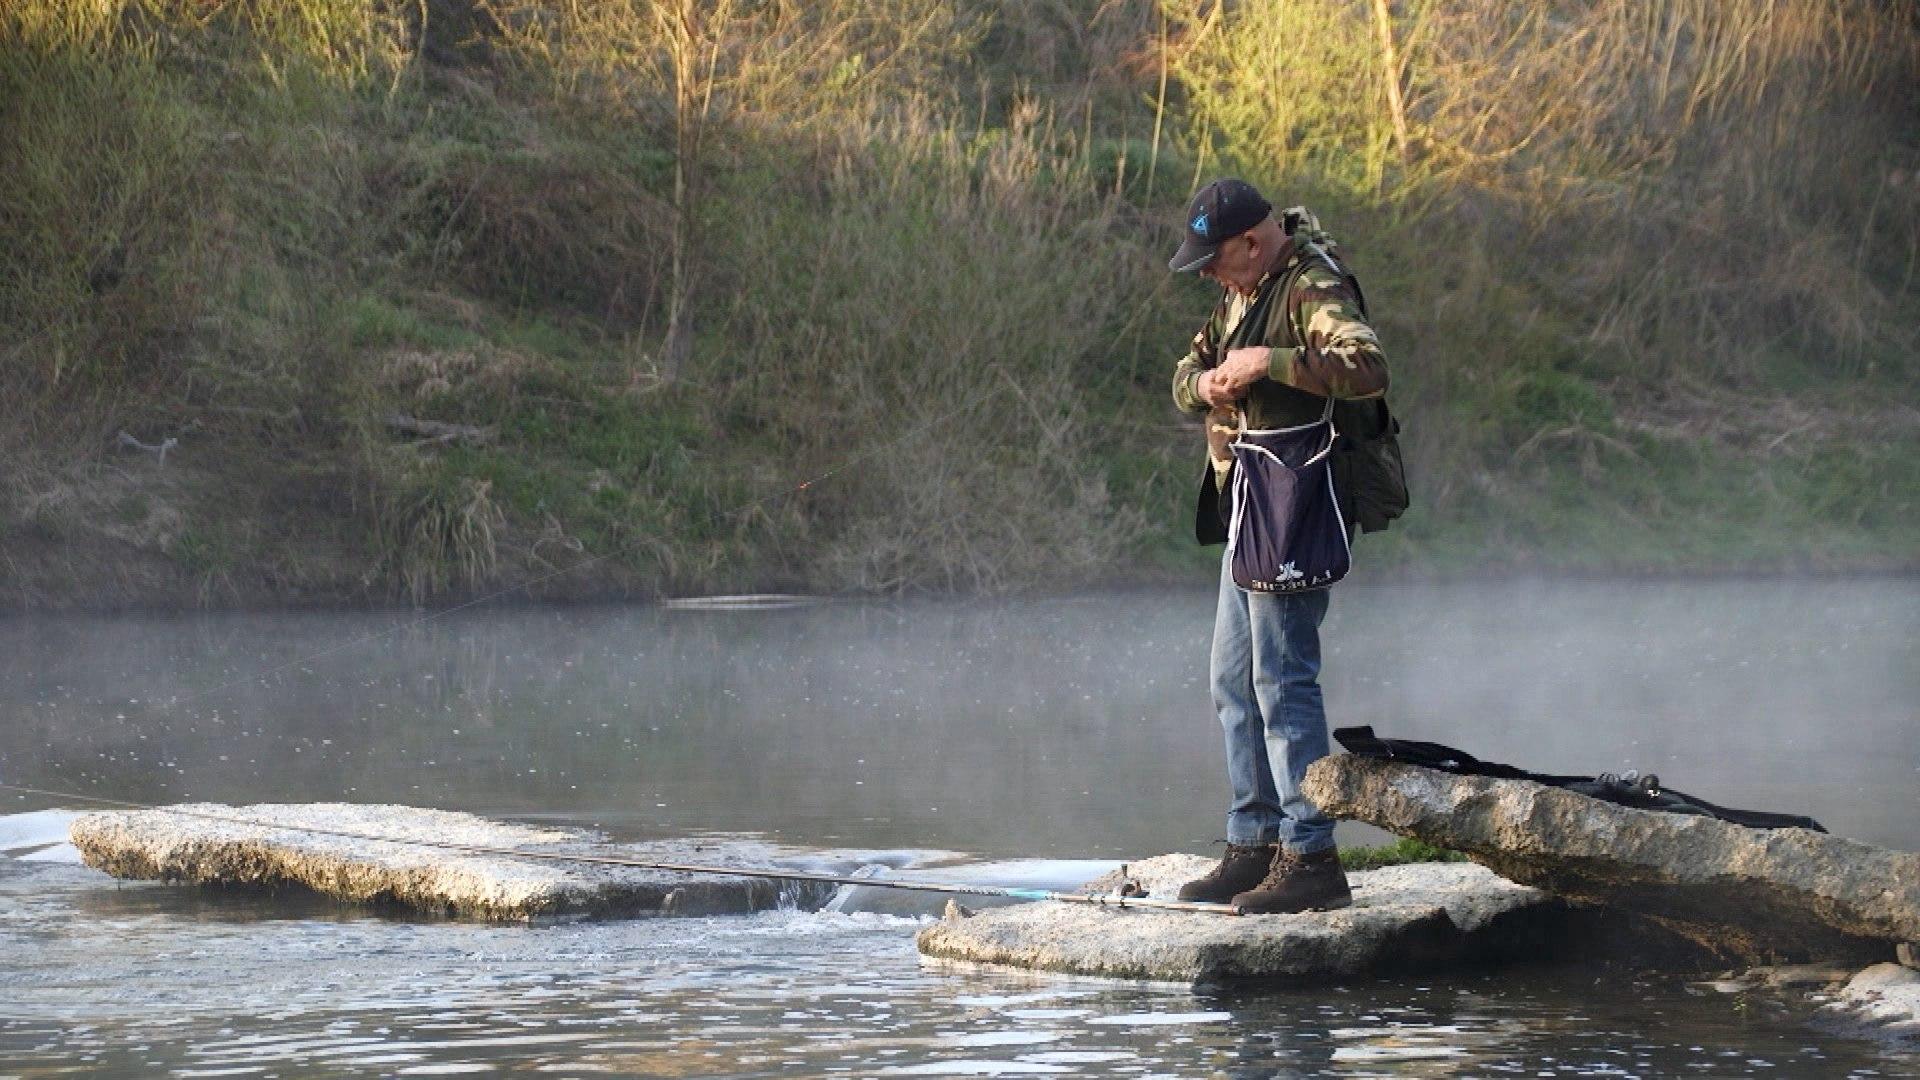 Caccia e PESCA Storie di pesca in acque interne 1